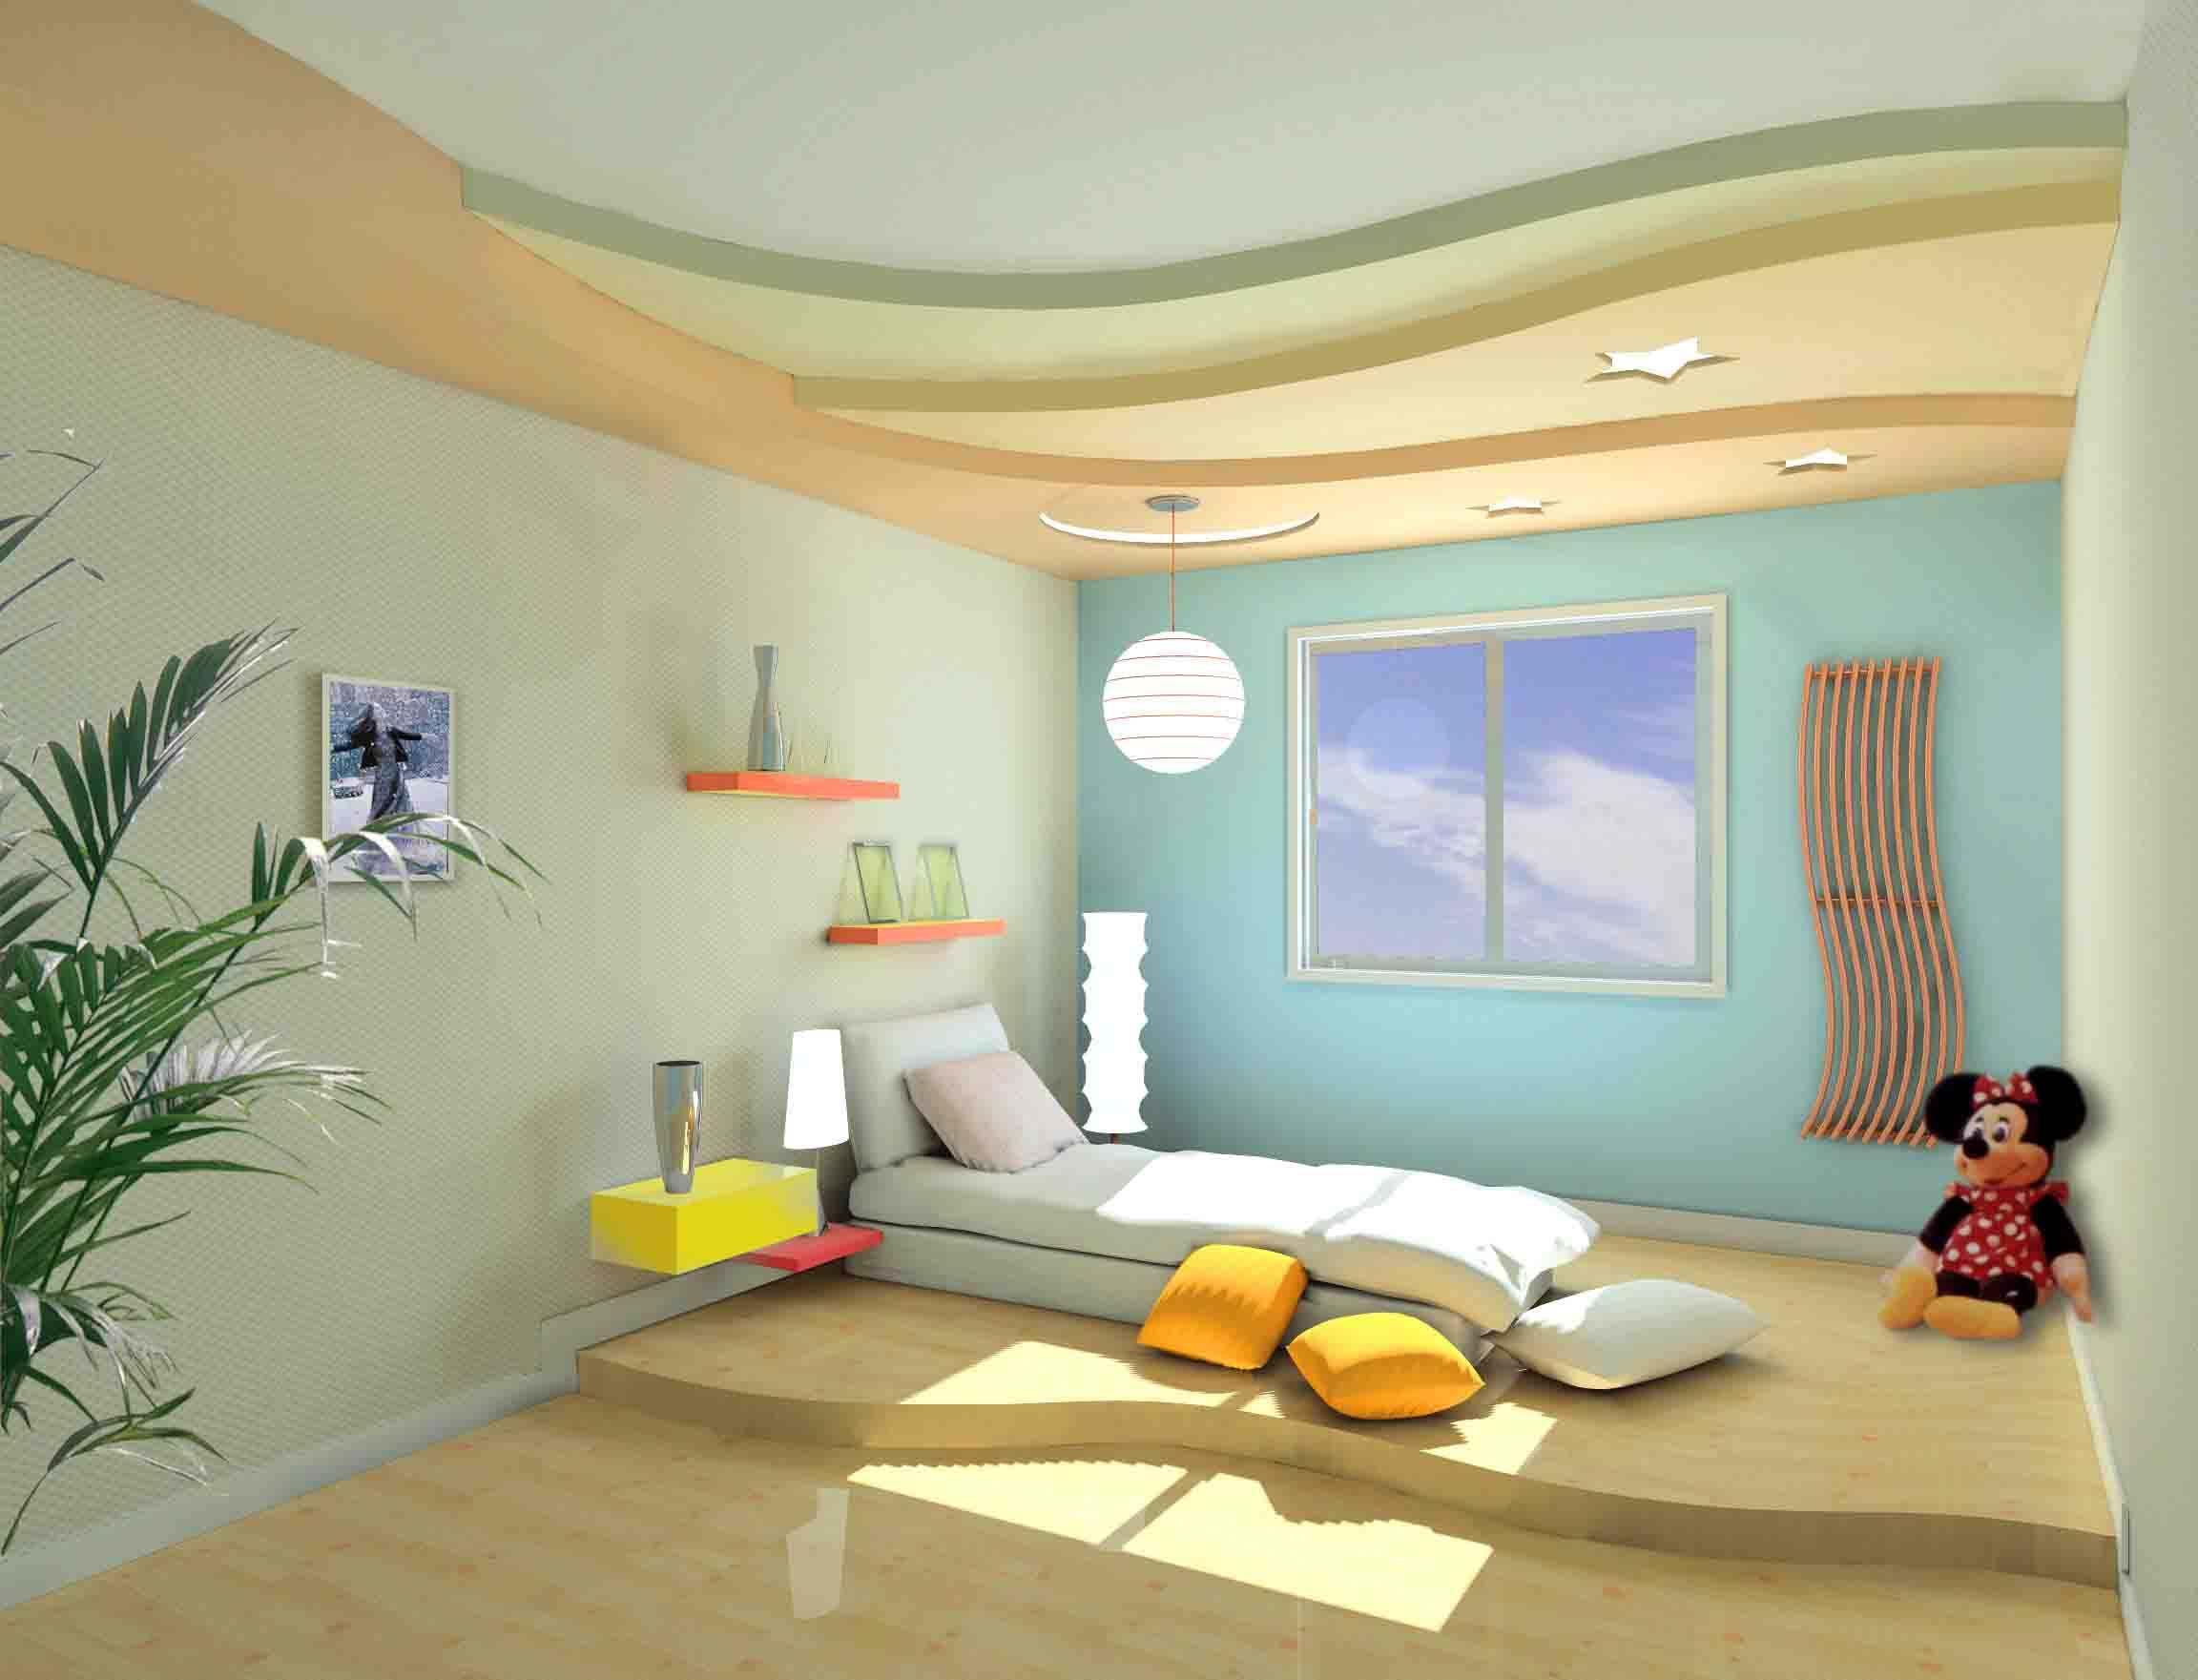 创意超萌的儿童房效果图